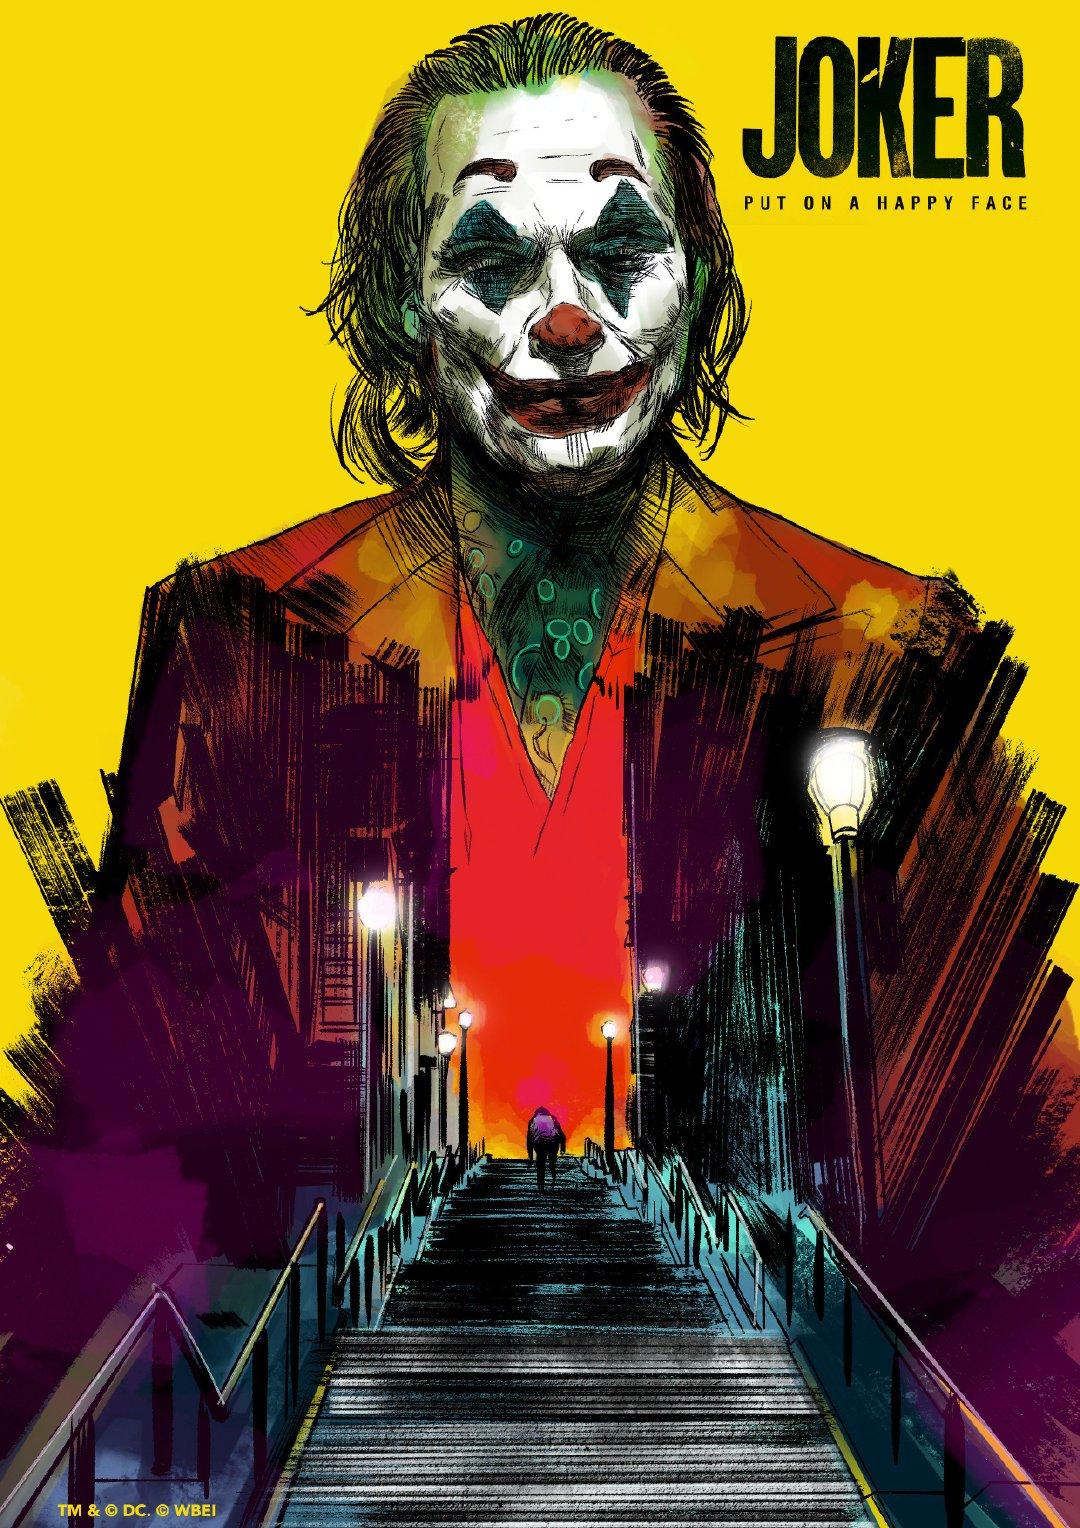 票房持续走高!DC电影《》全球票房突破7亿美元